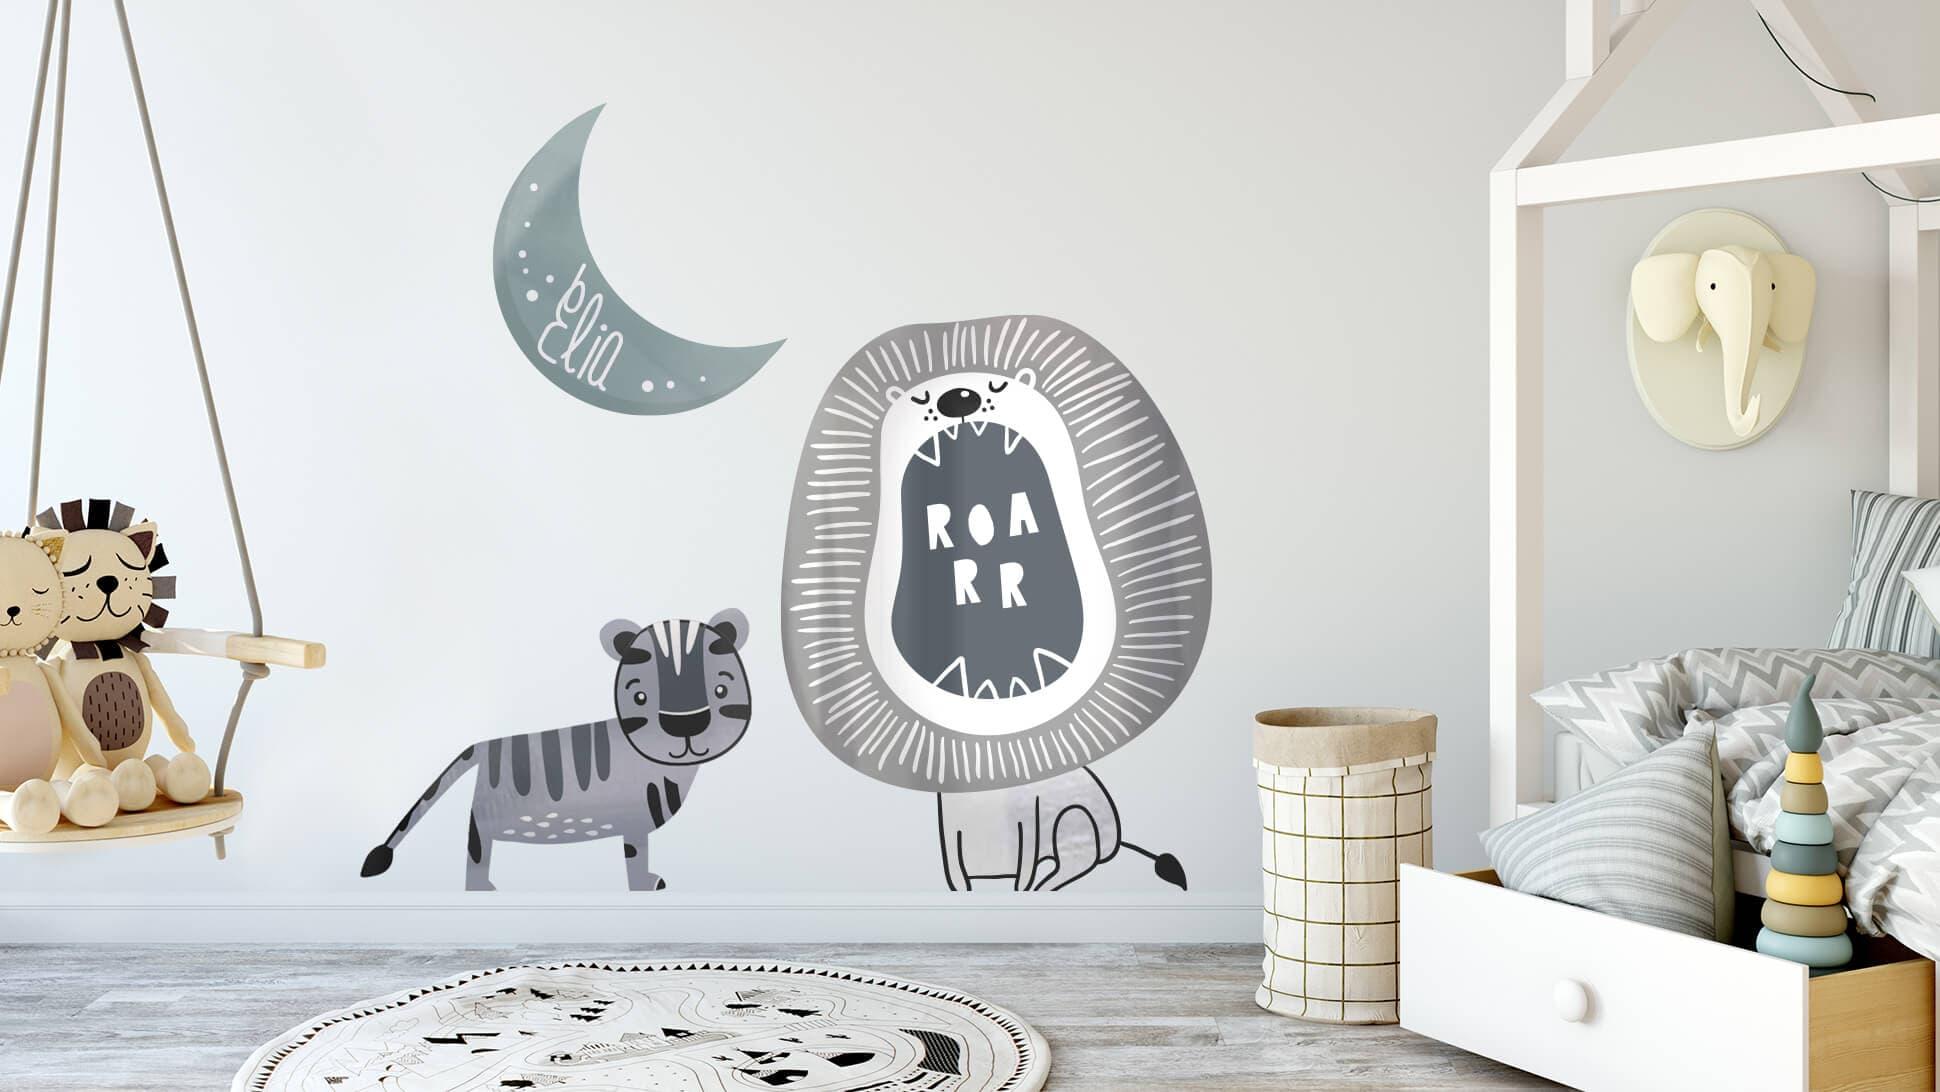 Adesivo per pareti personalizzabili per bambini | tictac.it